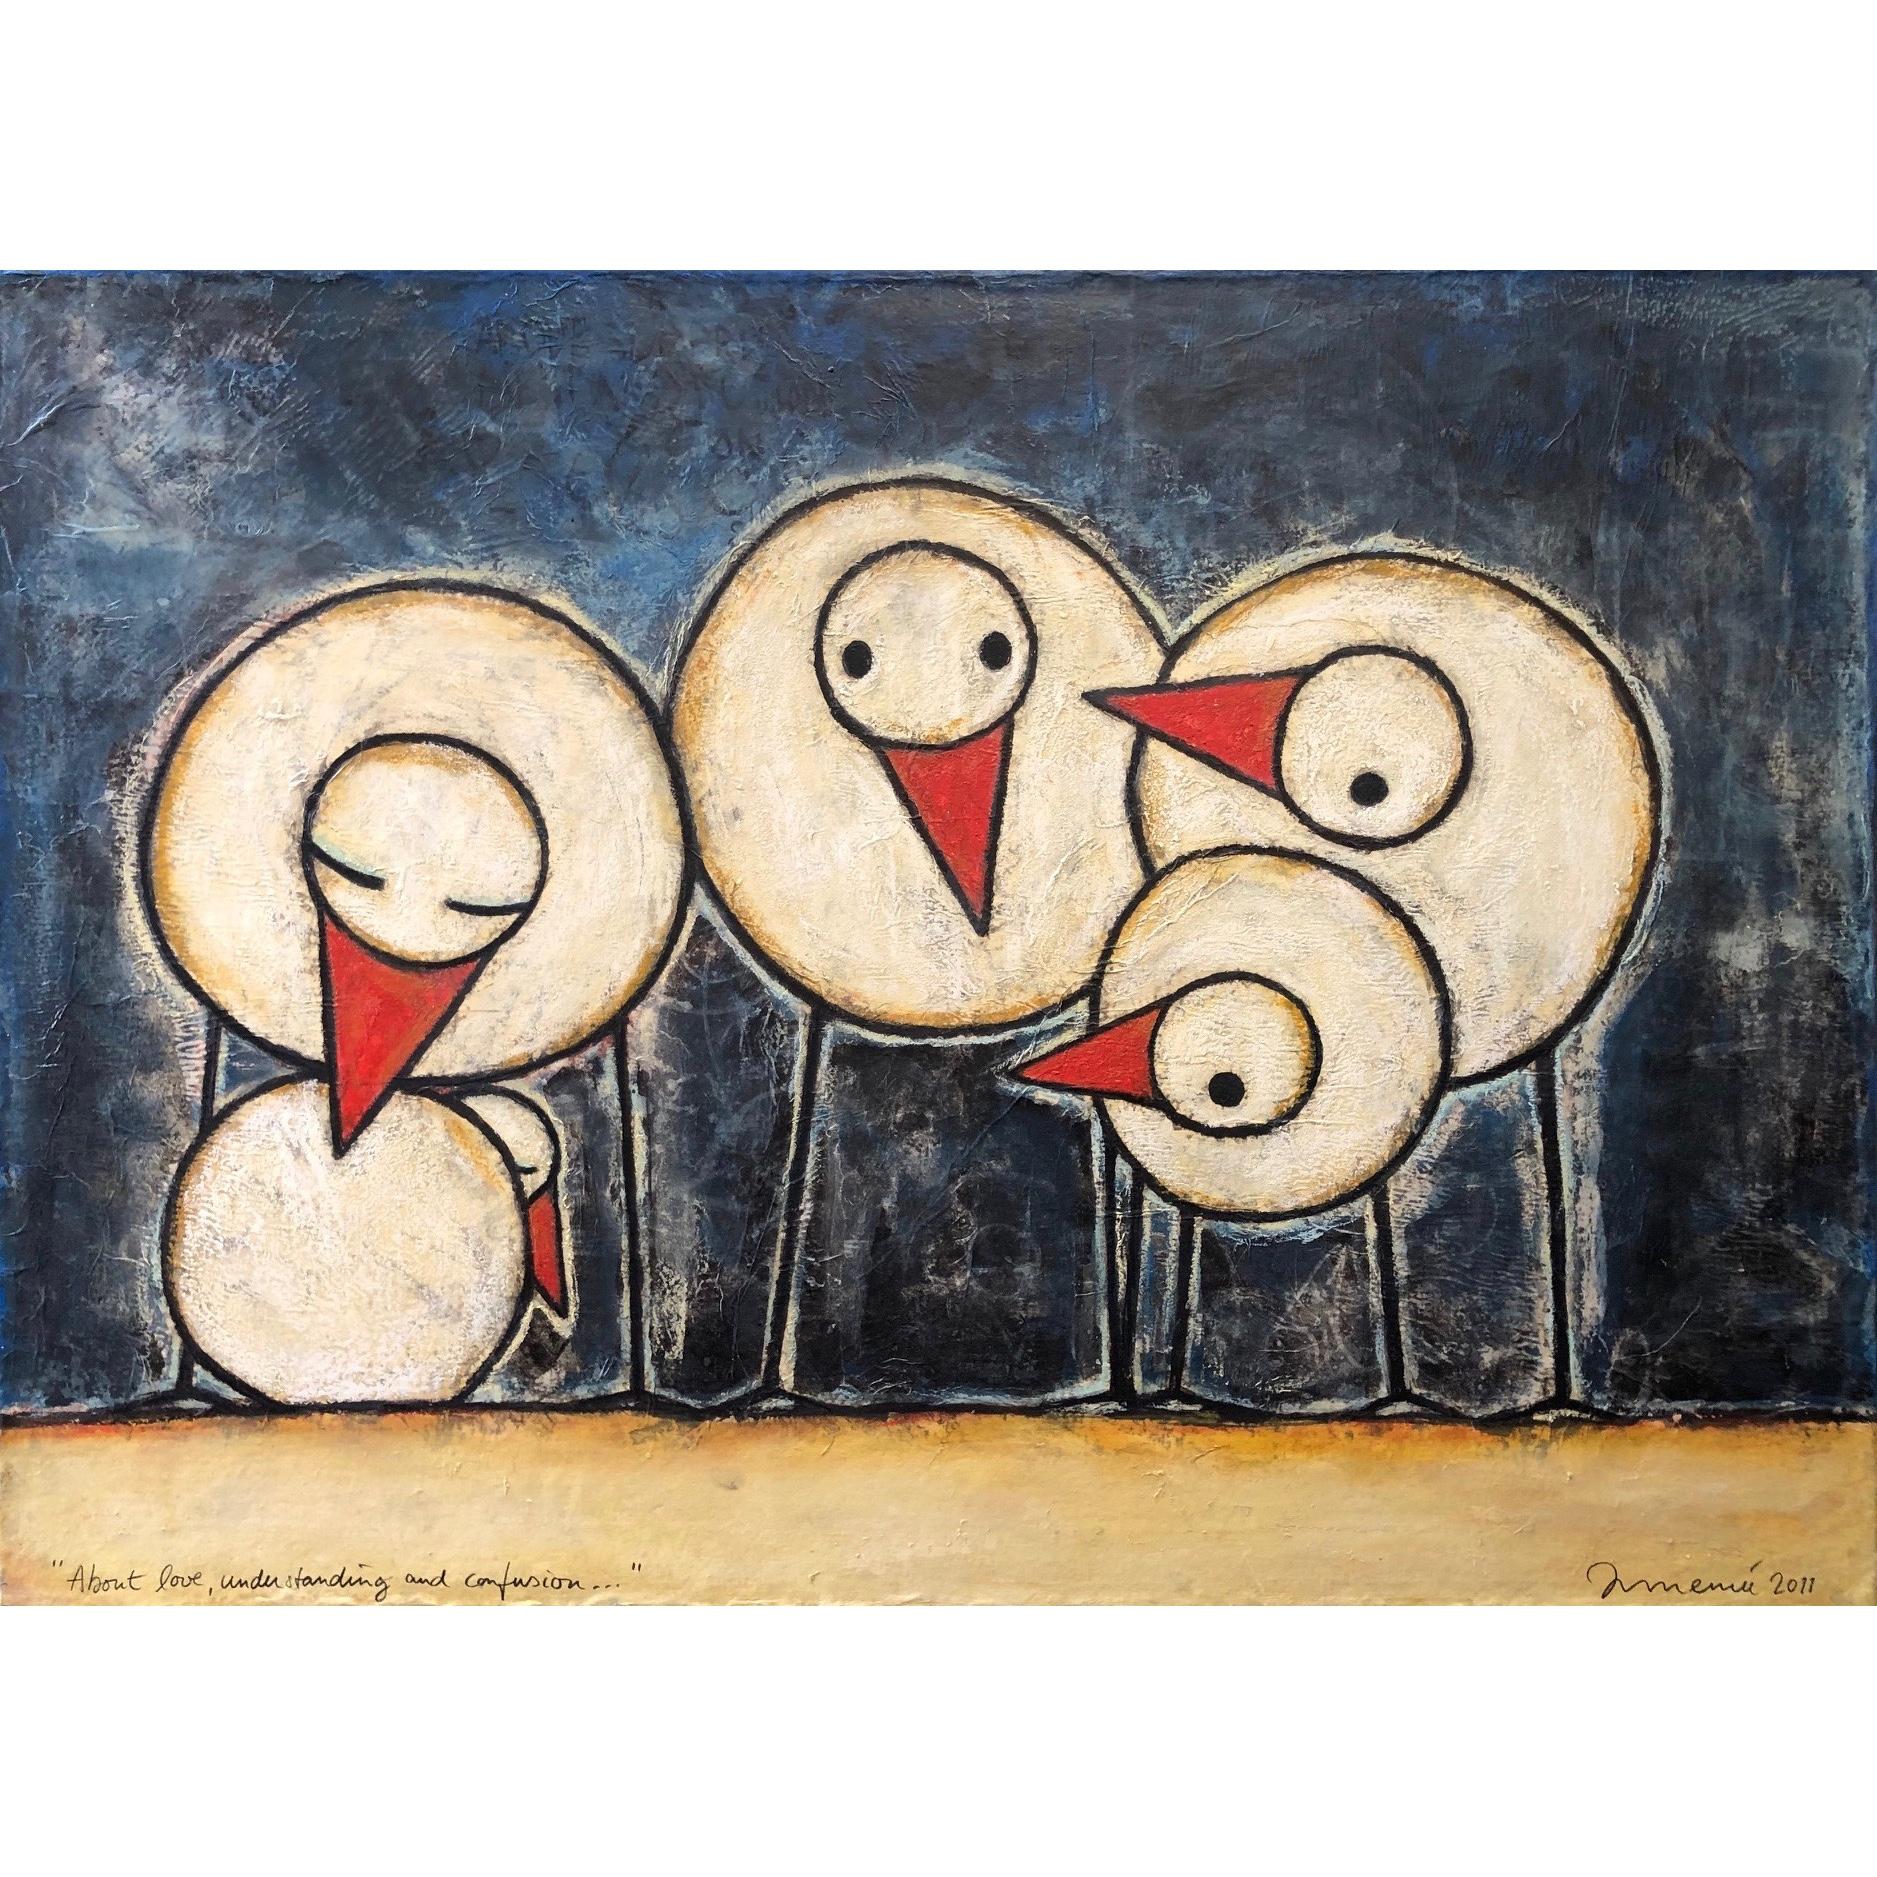 Hans Innemee schilderij 'About Love, Understanding and Confusion'